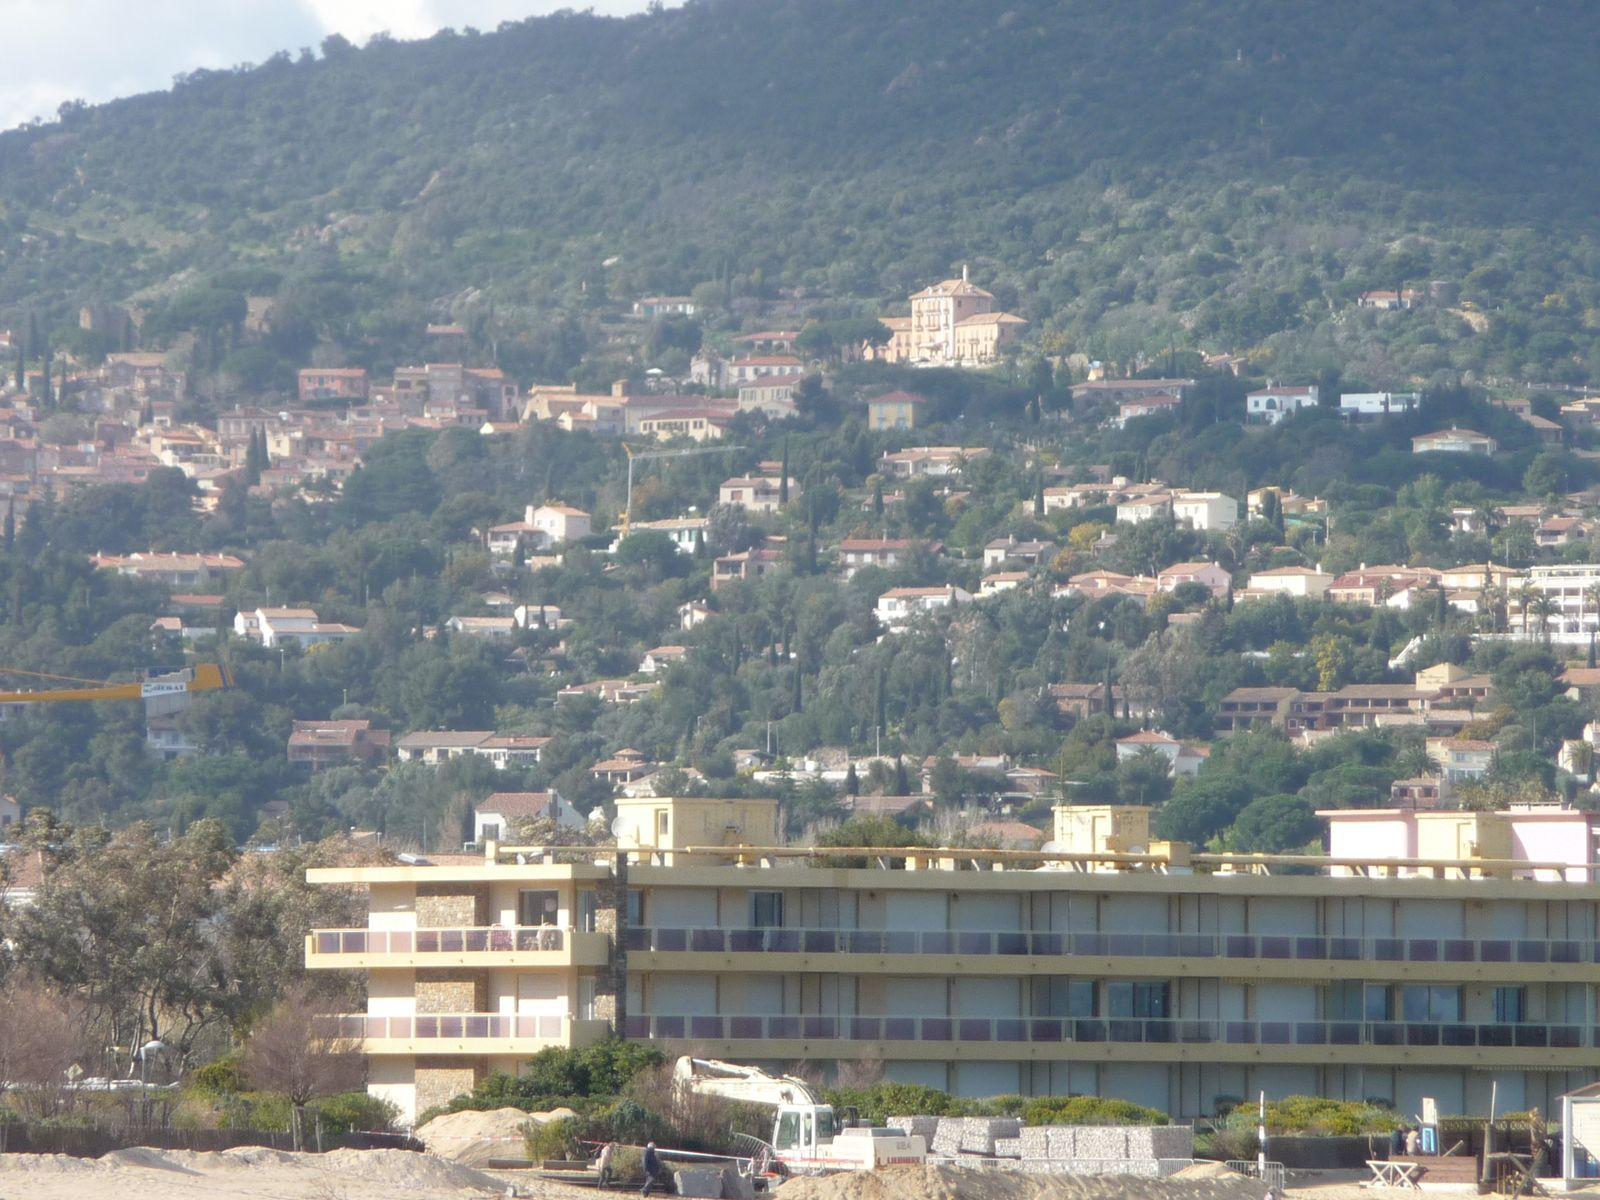 en faisant un petit zoom , on aperçoit le grand hôtel , situé sur les hauteurs du vieux village de Bormes .